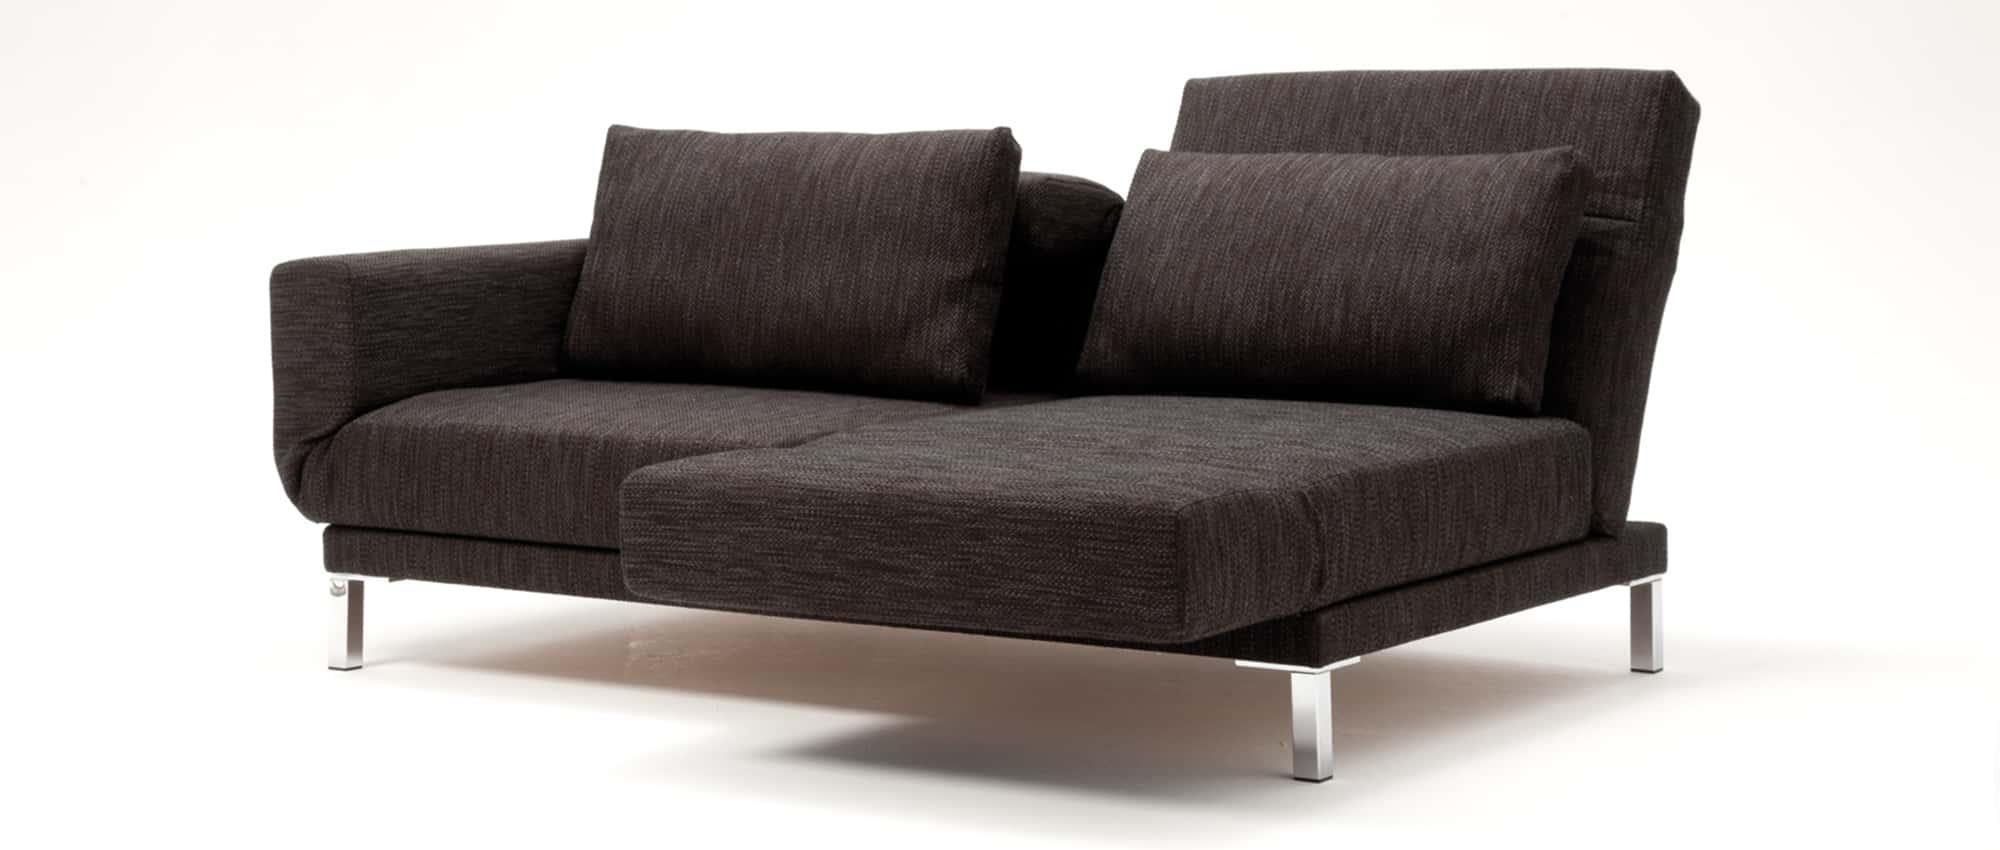 Schlafsofa RIGA XL von Franz Fertig in braun. Klappbare Rückenlehne und Armlehne. Holzfüße möglich. Auch Chromfüße sind wählbar.